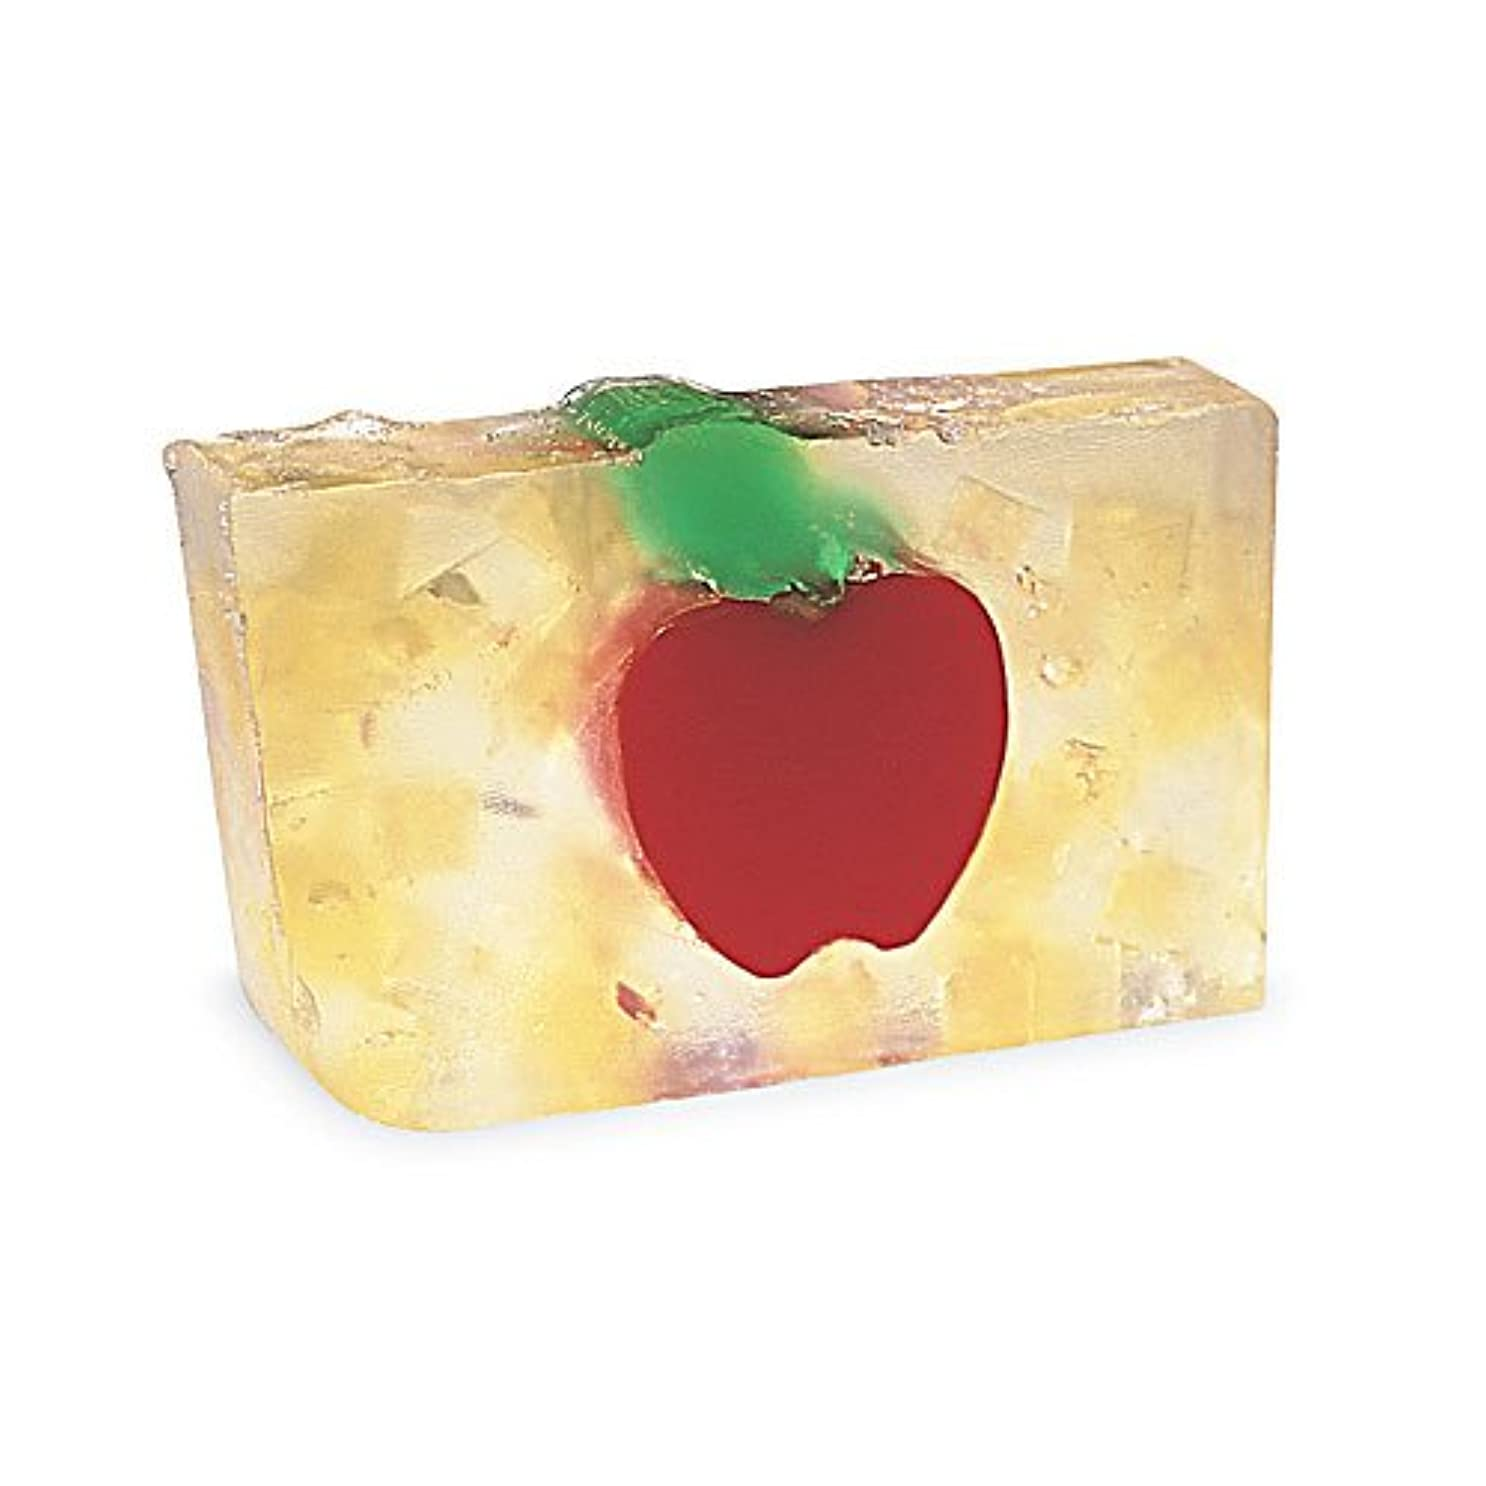 怠惰消費する表面的なプライモールエレメンツ アロマティック ソープ ビッグアップル 180g 植物性 ナチュラル 石鹸 無添加